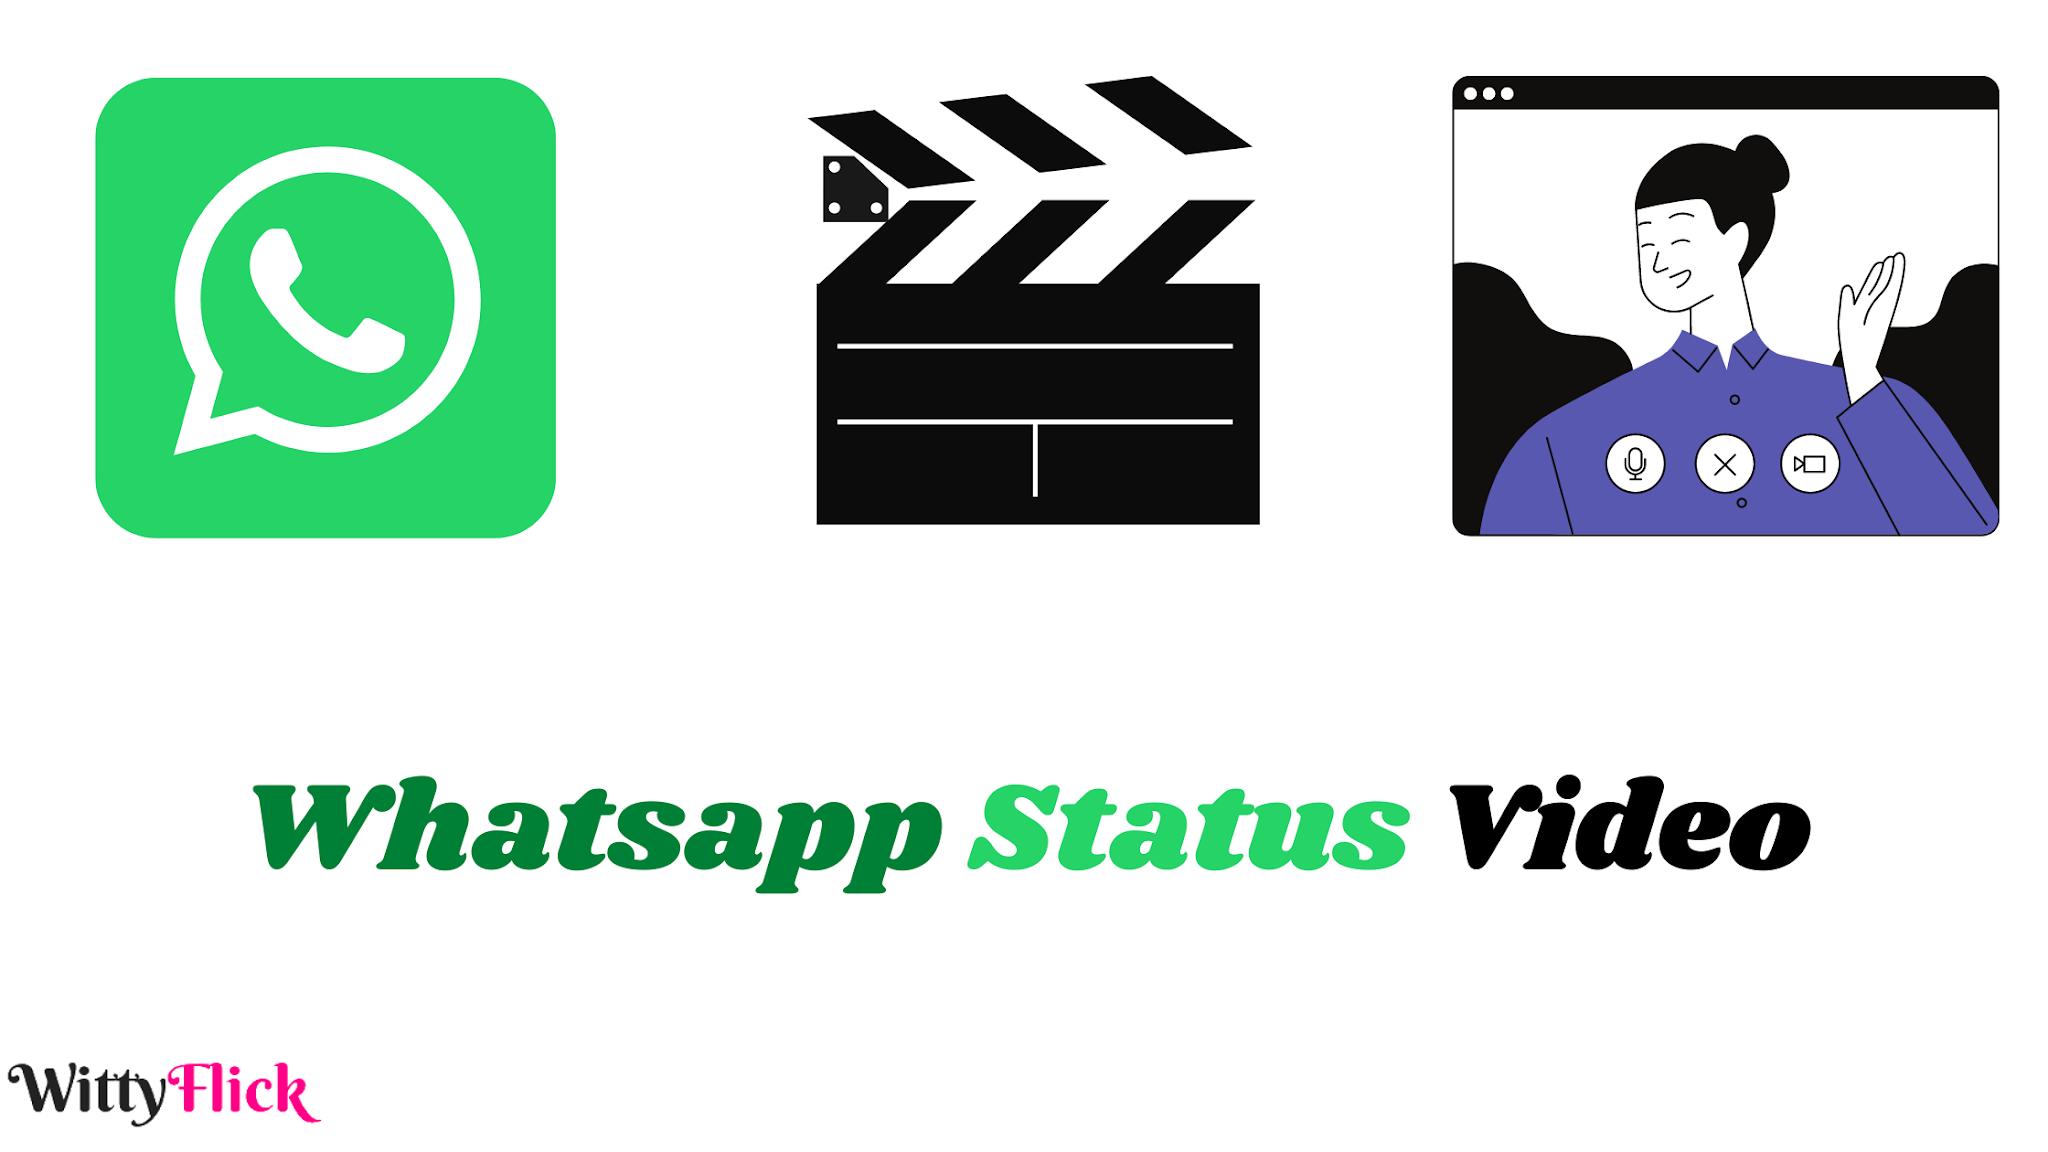 Top क्लास के Whatsapp Status Video बनाने का क्या है तरीका दूसरे के Whatsapp Video Status को कैसे करें Save?